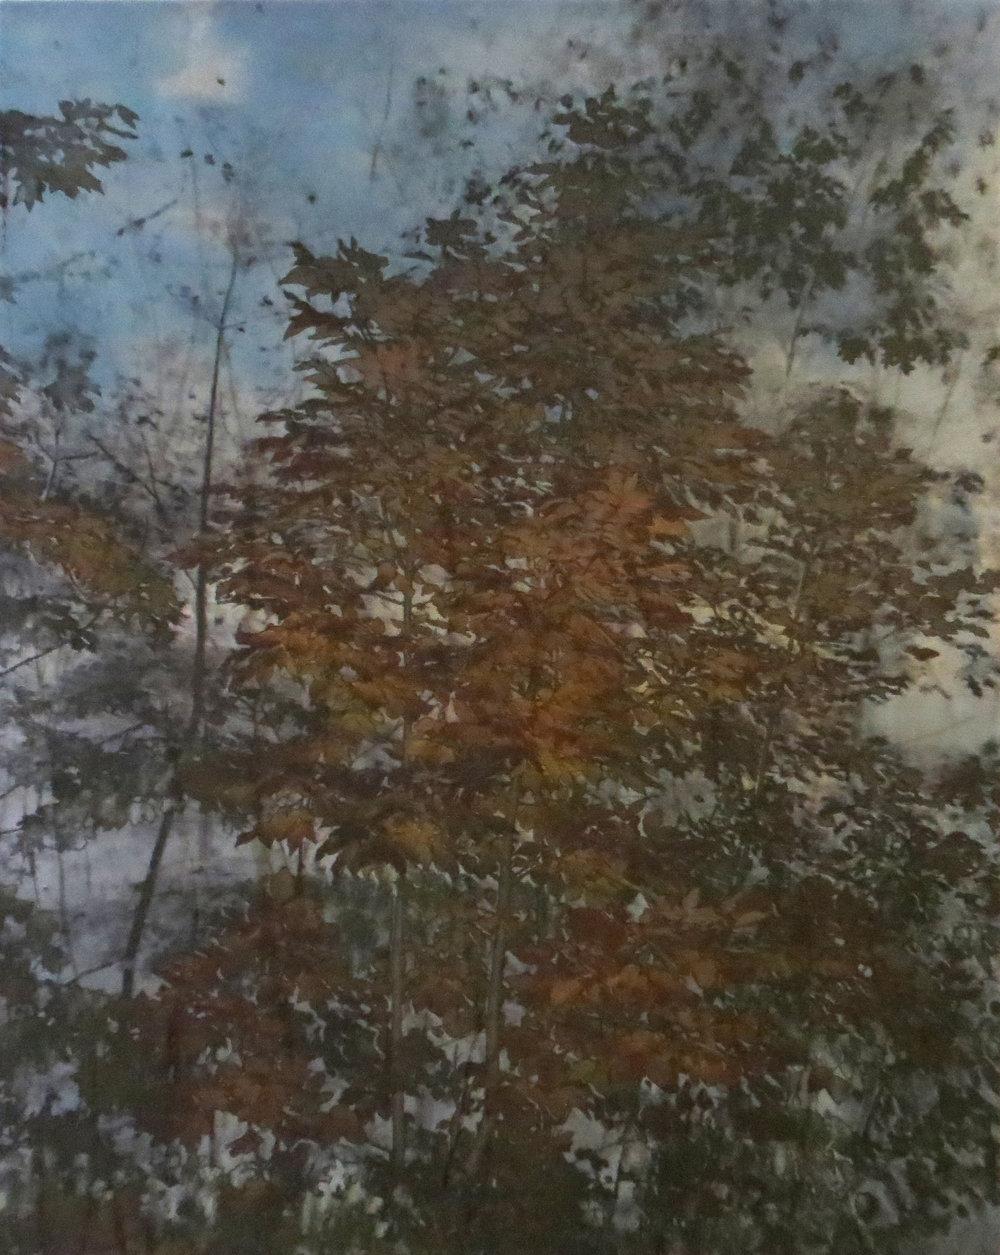 Érablière no 1  techniques mixtes sur toile  51 x 40 cm 2018